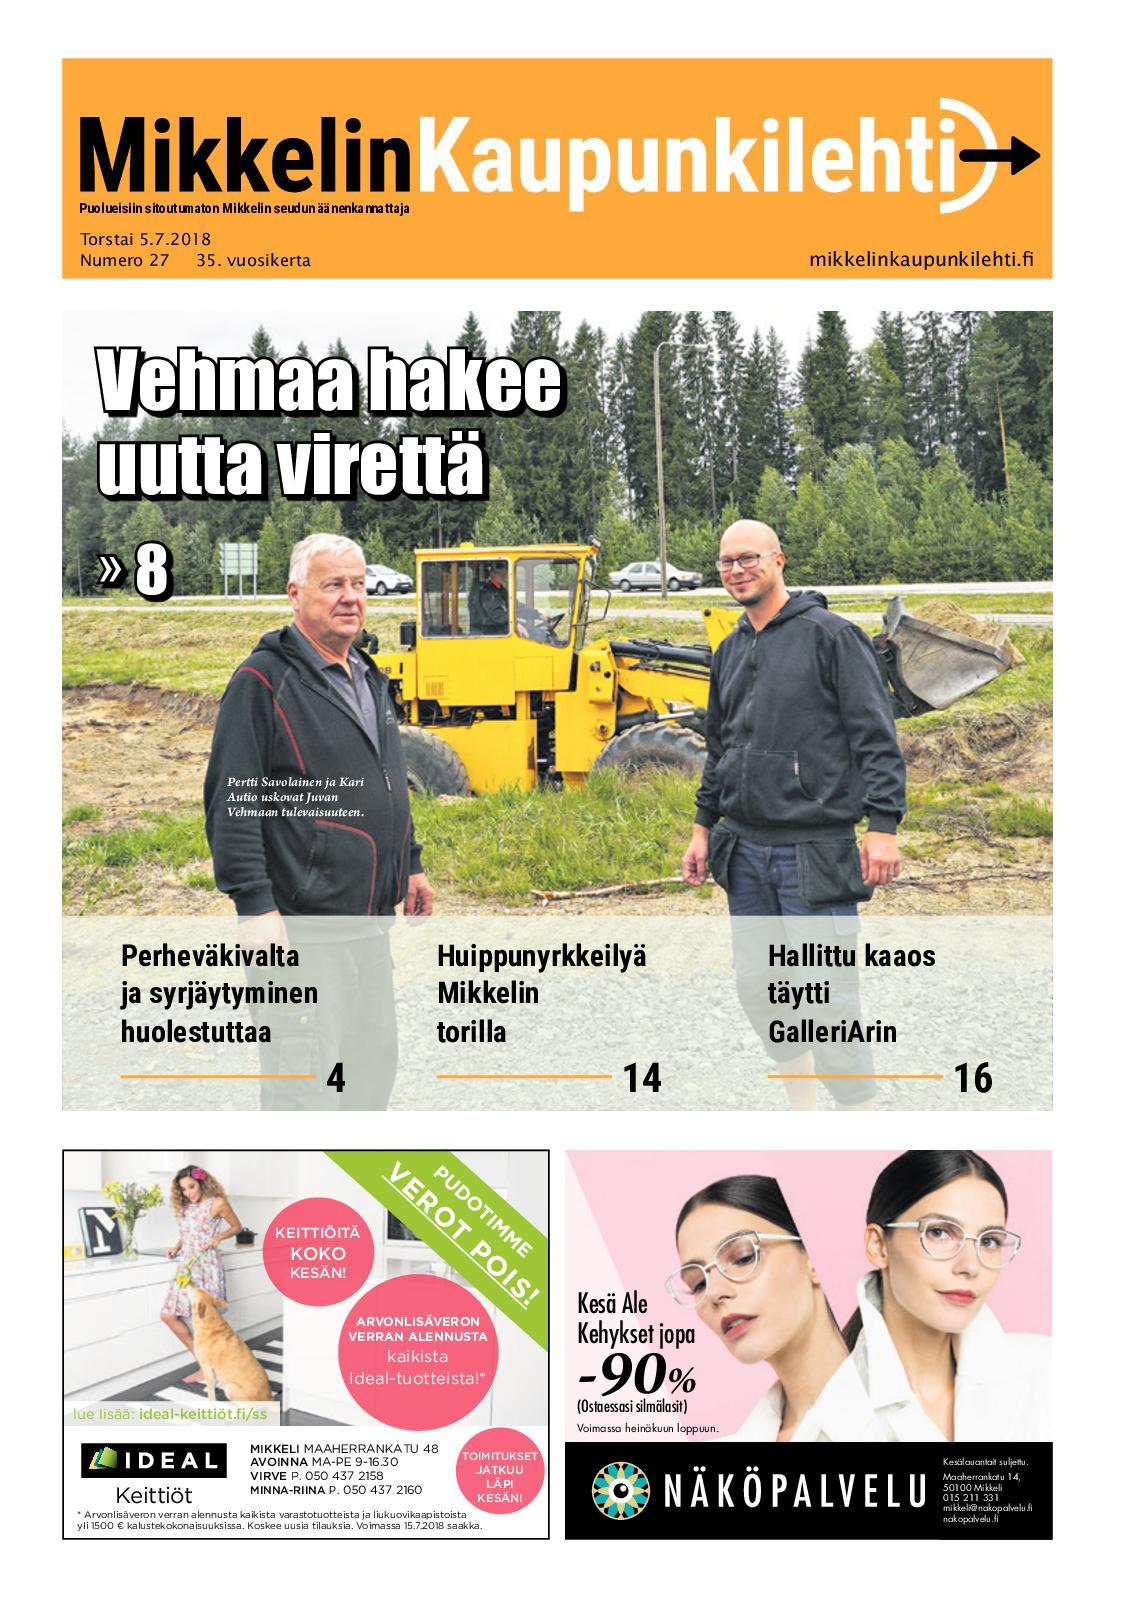 hyvä rakenne hyvä laatu tarjoavat alennuksia Calaméo - Mikkelin Kaupunkilehti 27/2018